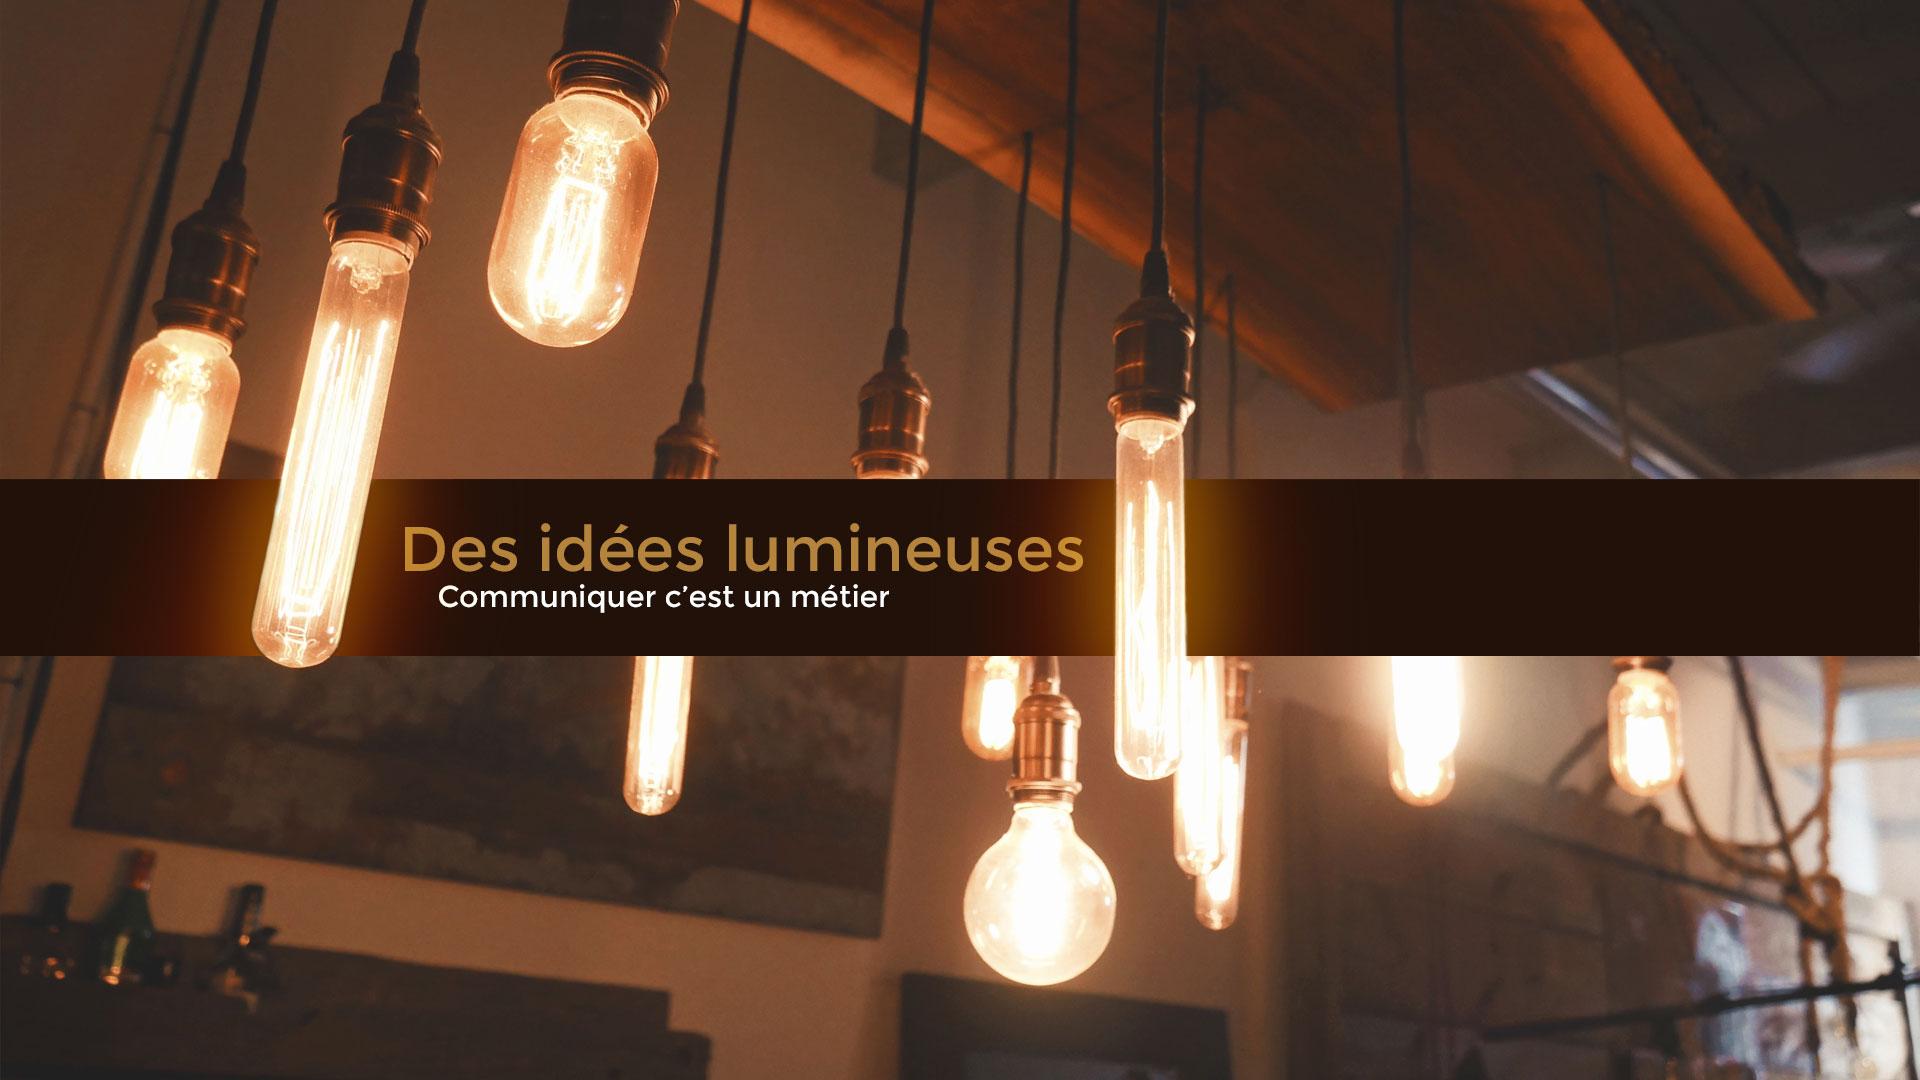 Des idées de design lumineuses - communication web et digitale